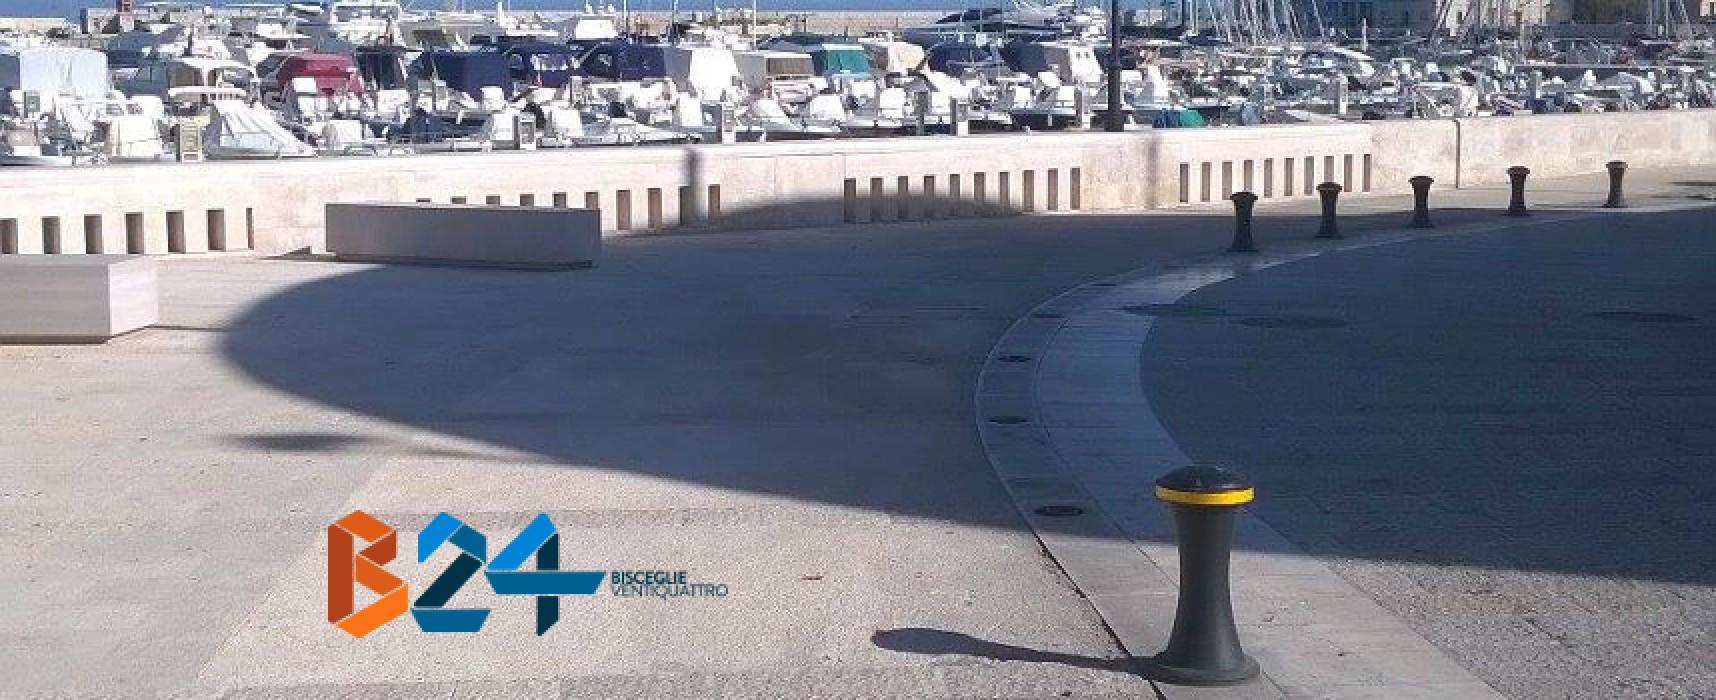 Waterfront, spariscono alcuni paletti e il parcheggio diventa selvaggio / FOTO